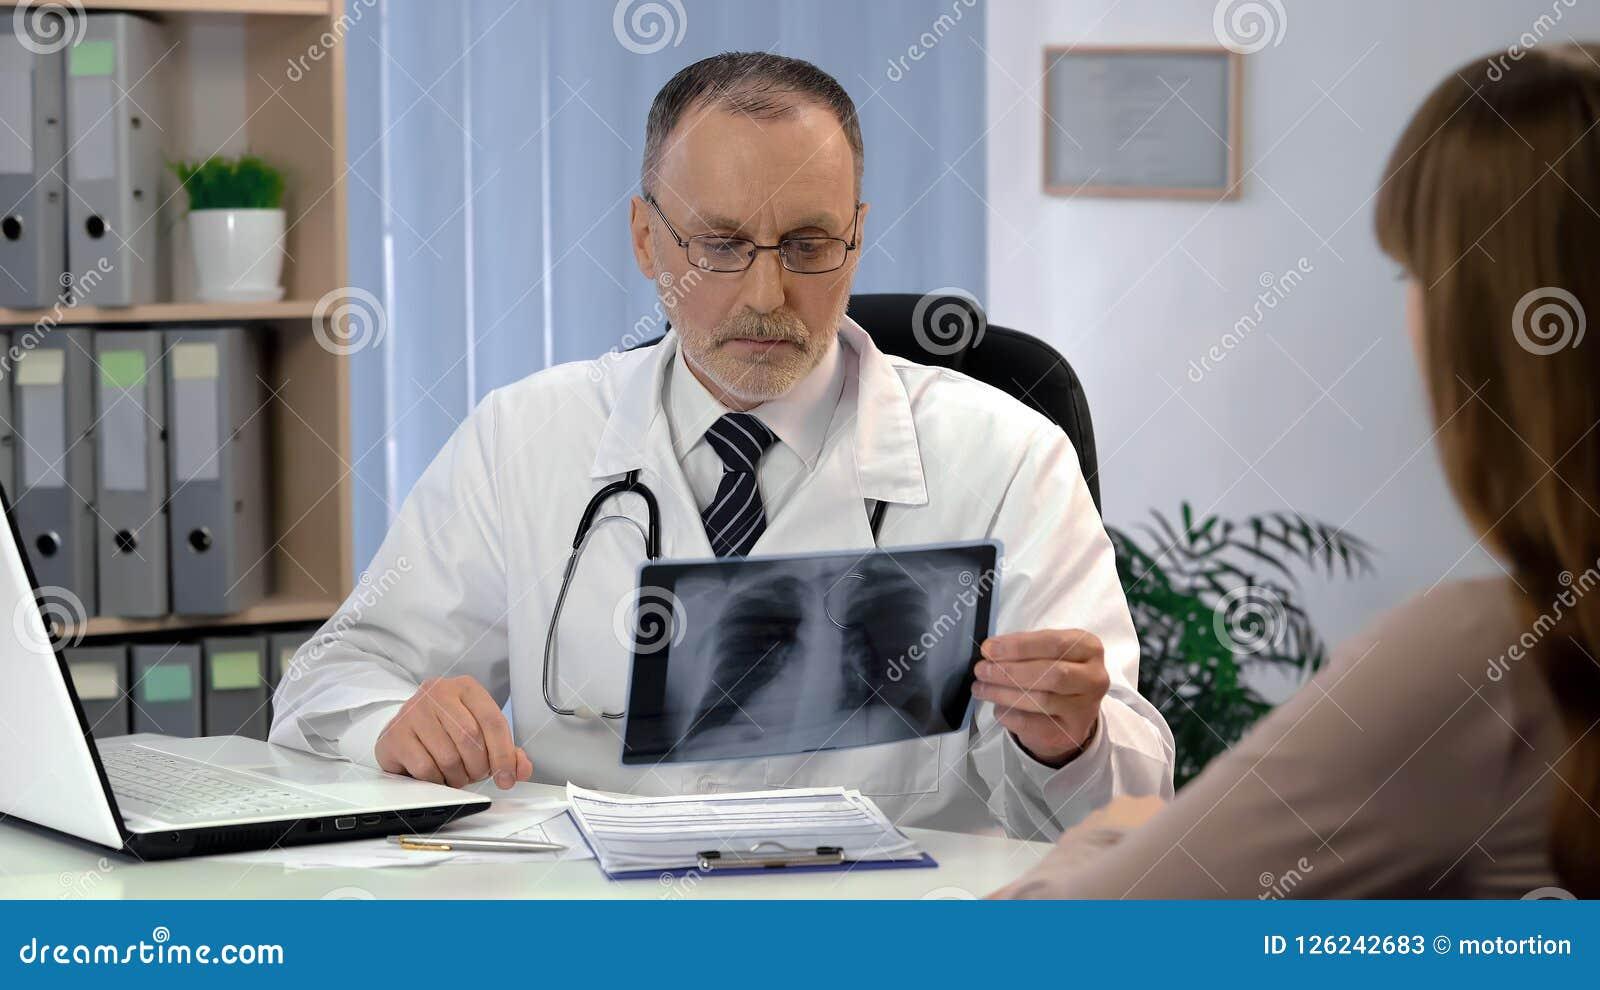 Manipulera observation av lungor röntgenstrålen, den tålmodiga väntande på diagnosen, tuberkulosrisk